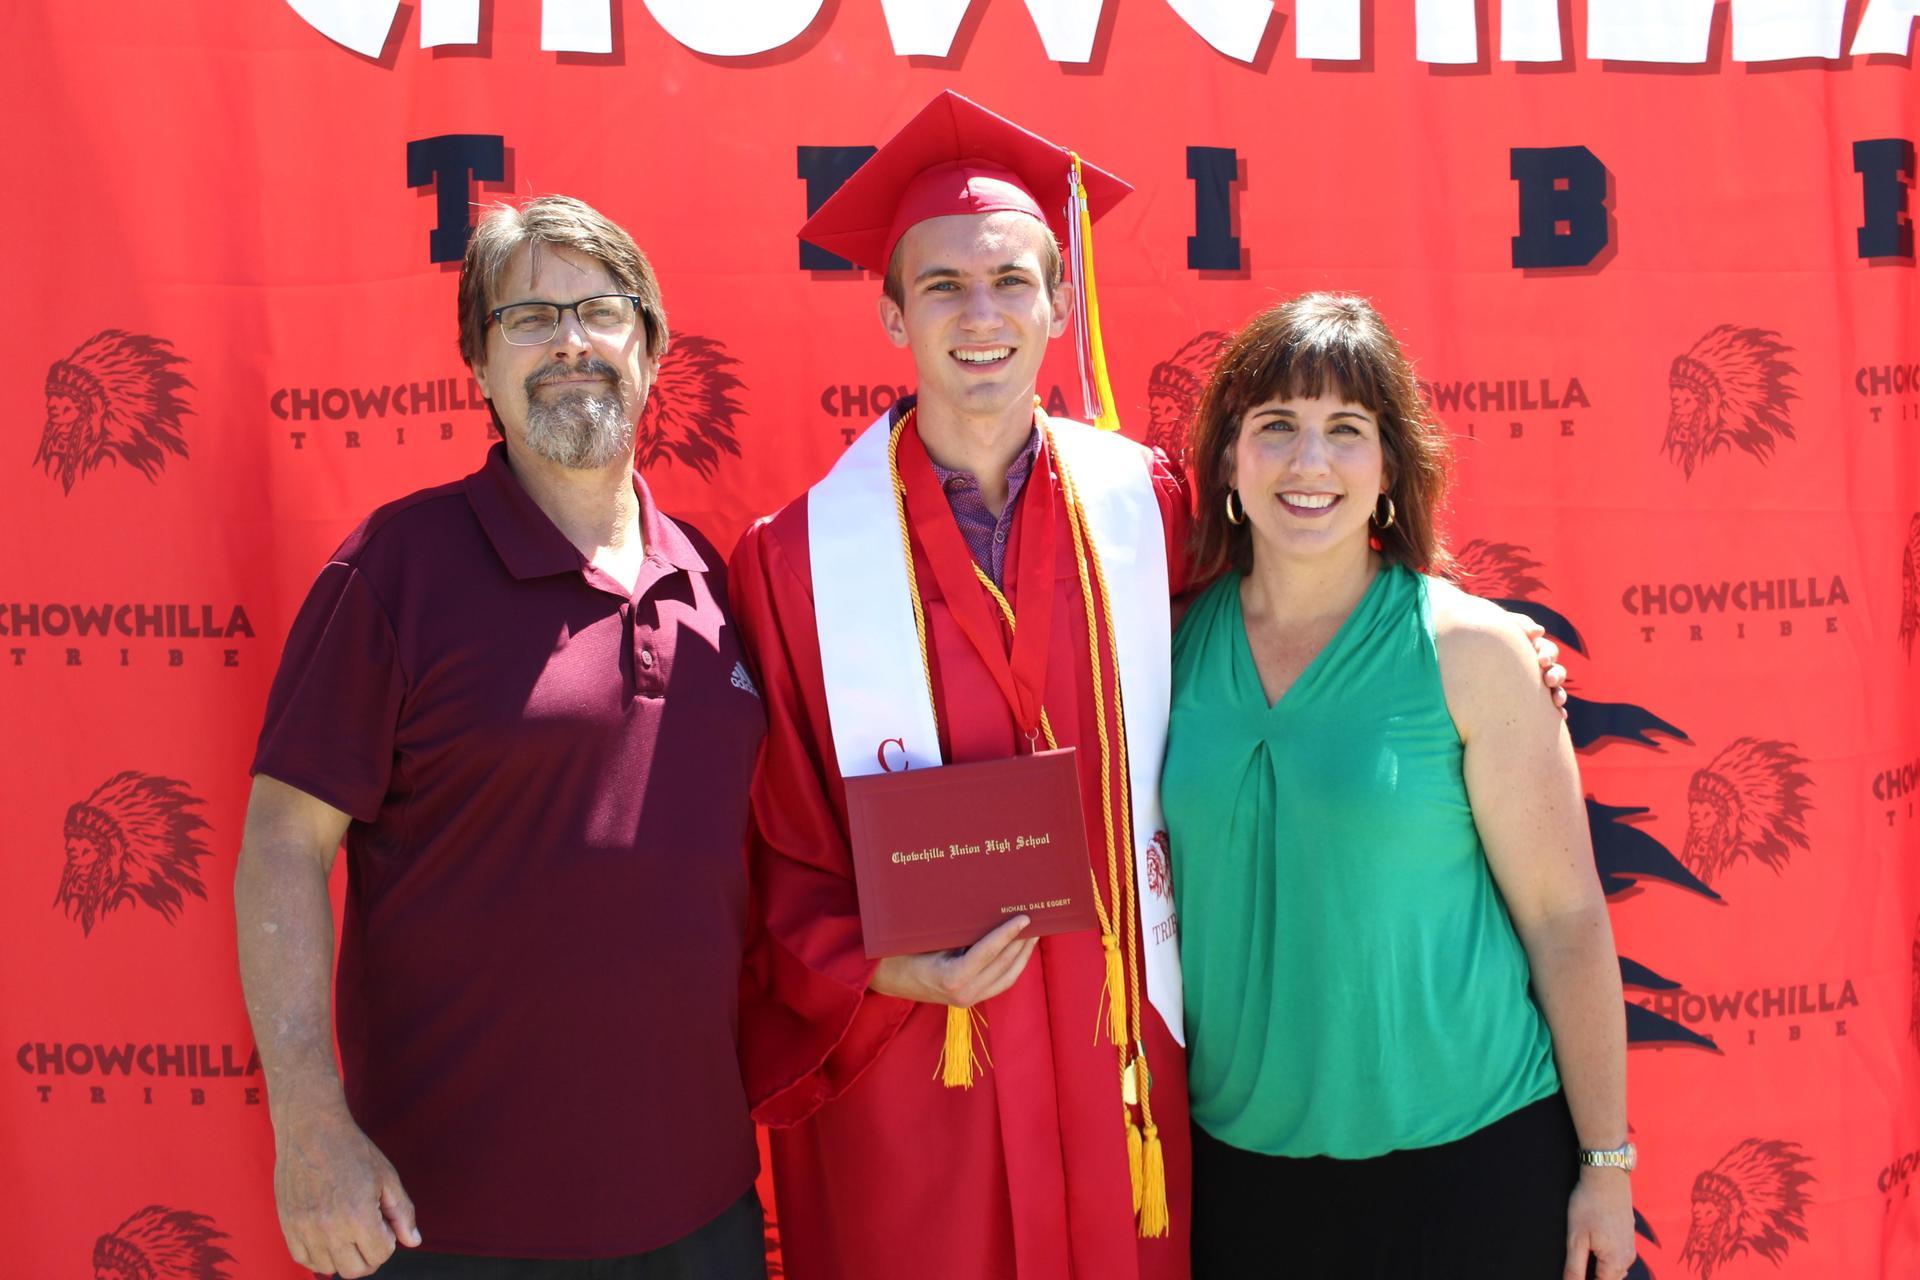 Michael Eggert and family